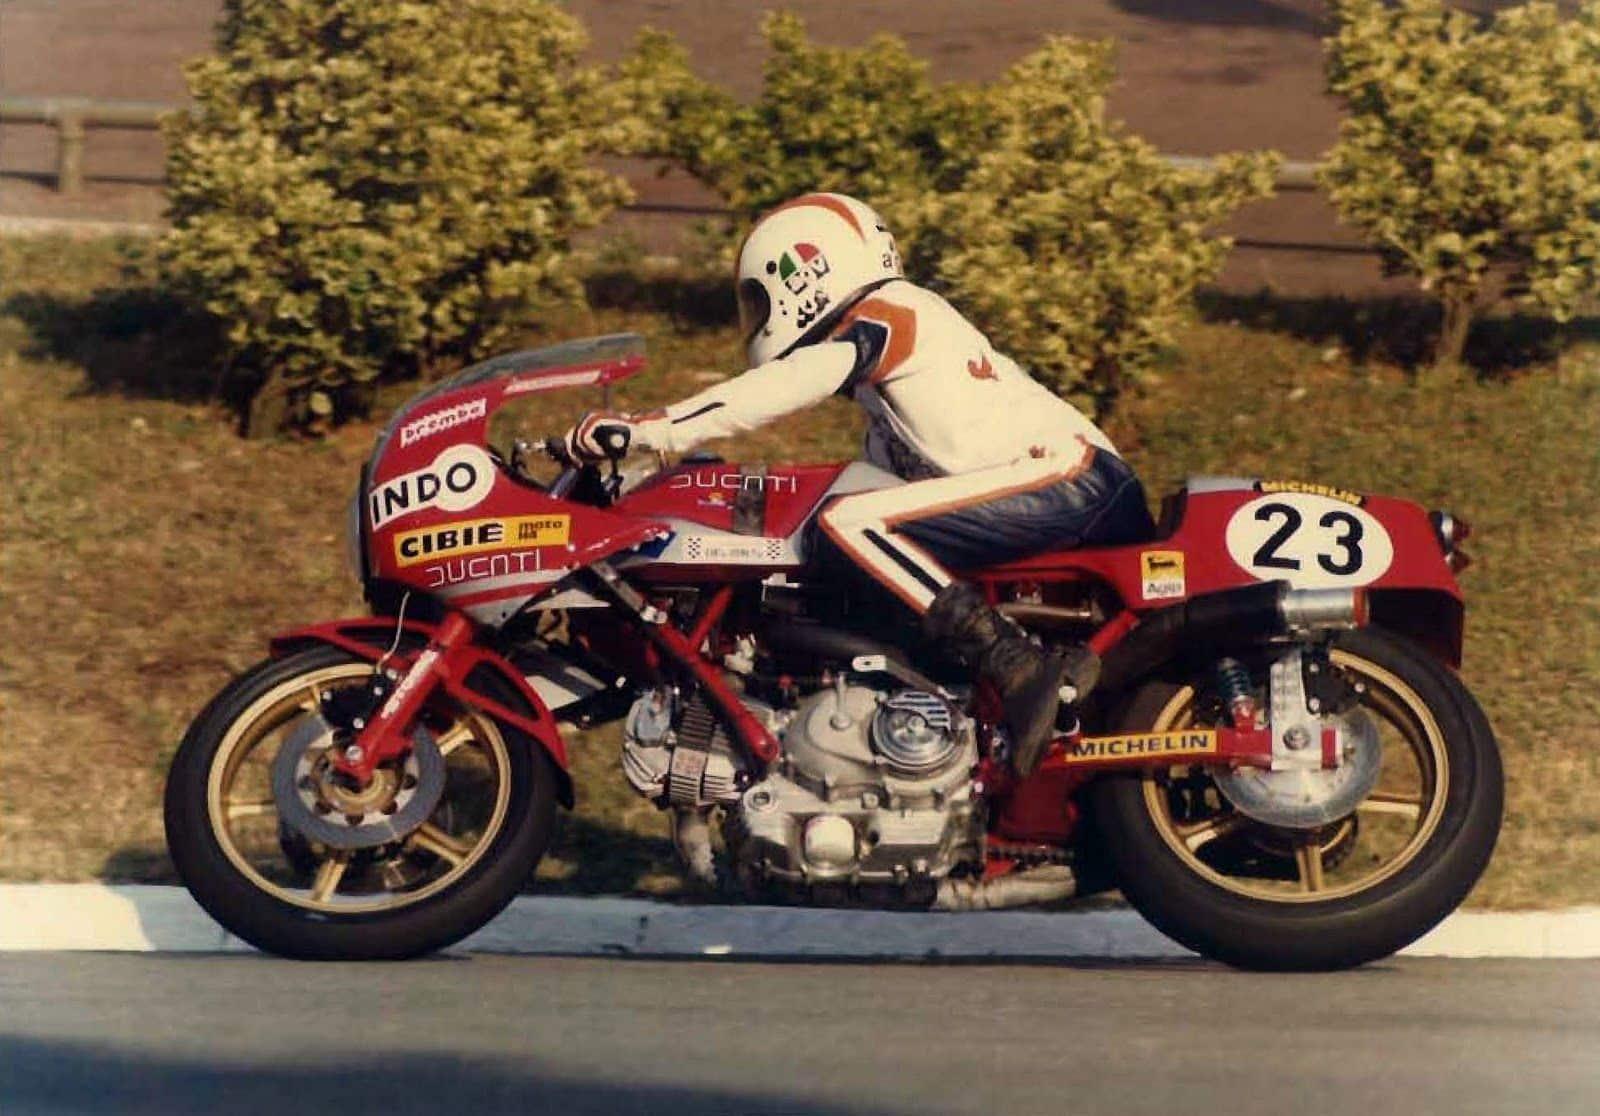 1979 24 Horas de Montjuich. Mallol, con Ducati NCR. Cortesía de JM Mallol.